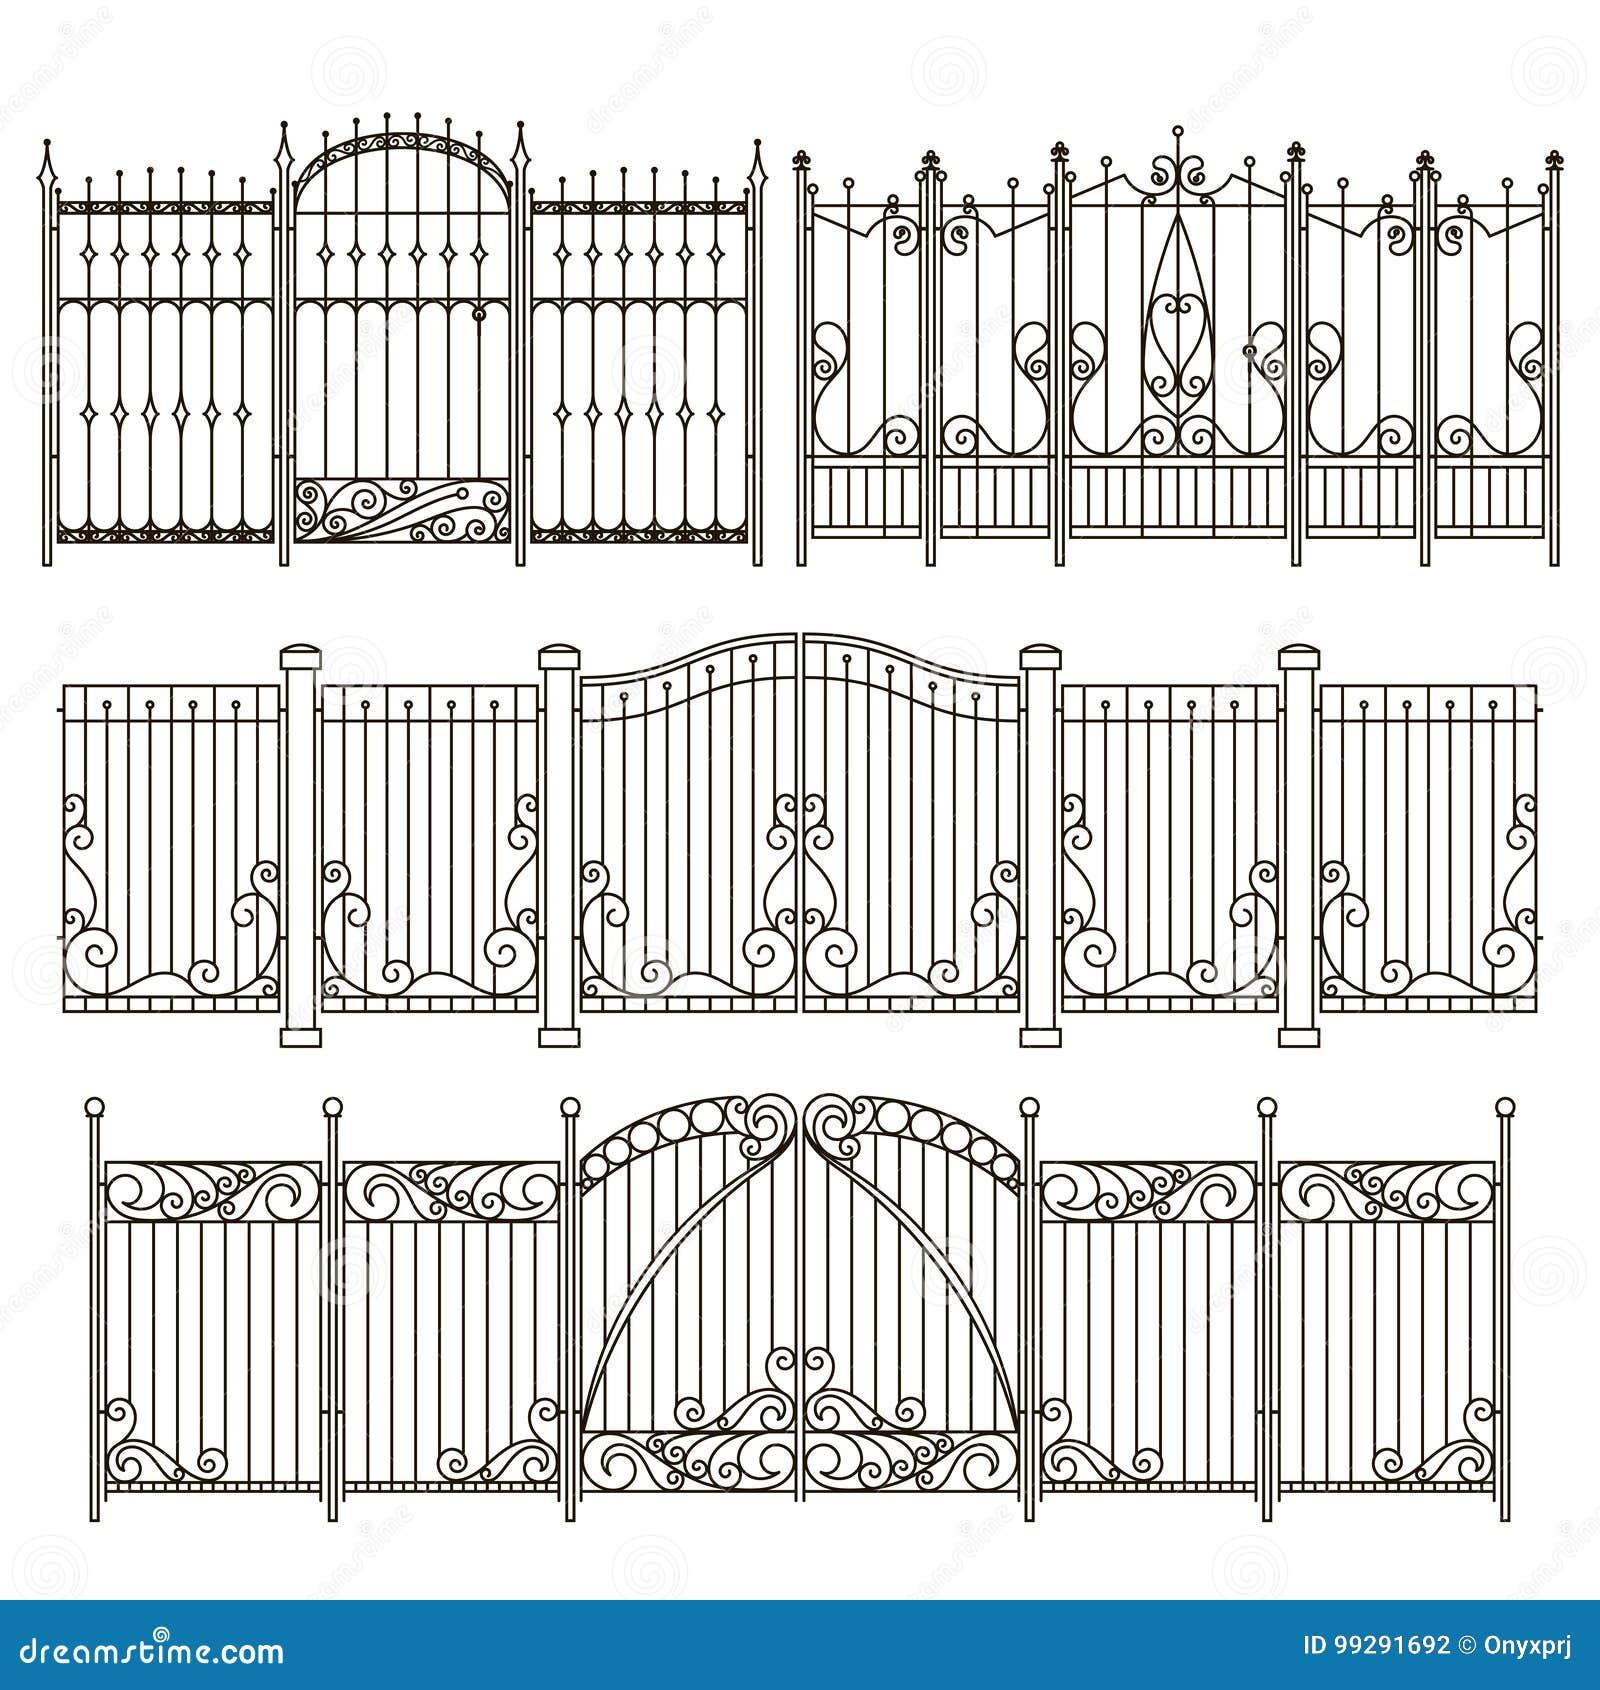 La puerta y la cerca del hierro diseñan con diversos elementos decorativos Graphhics del vector